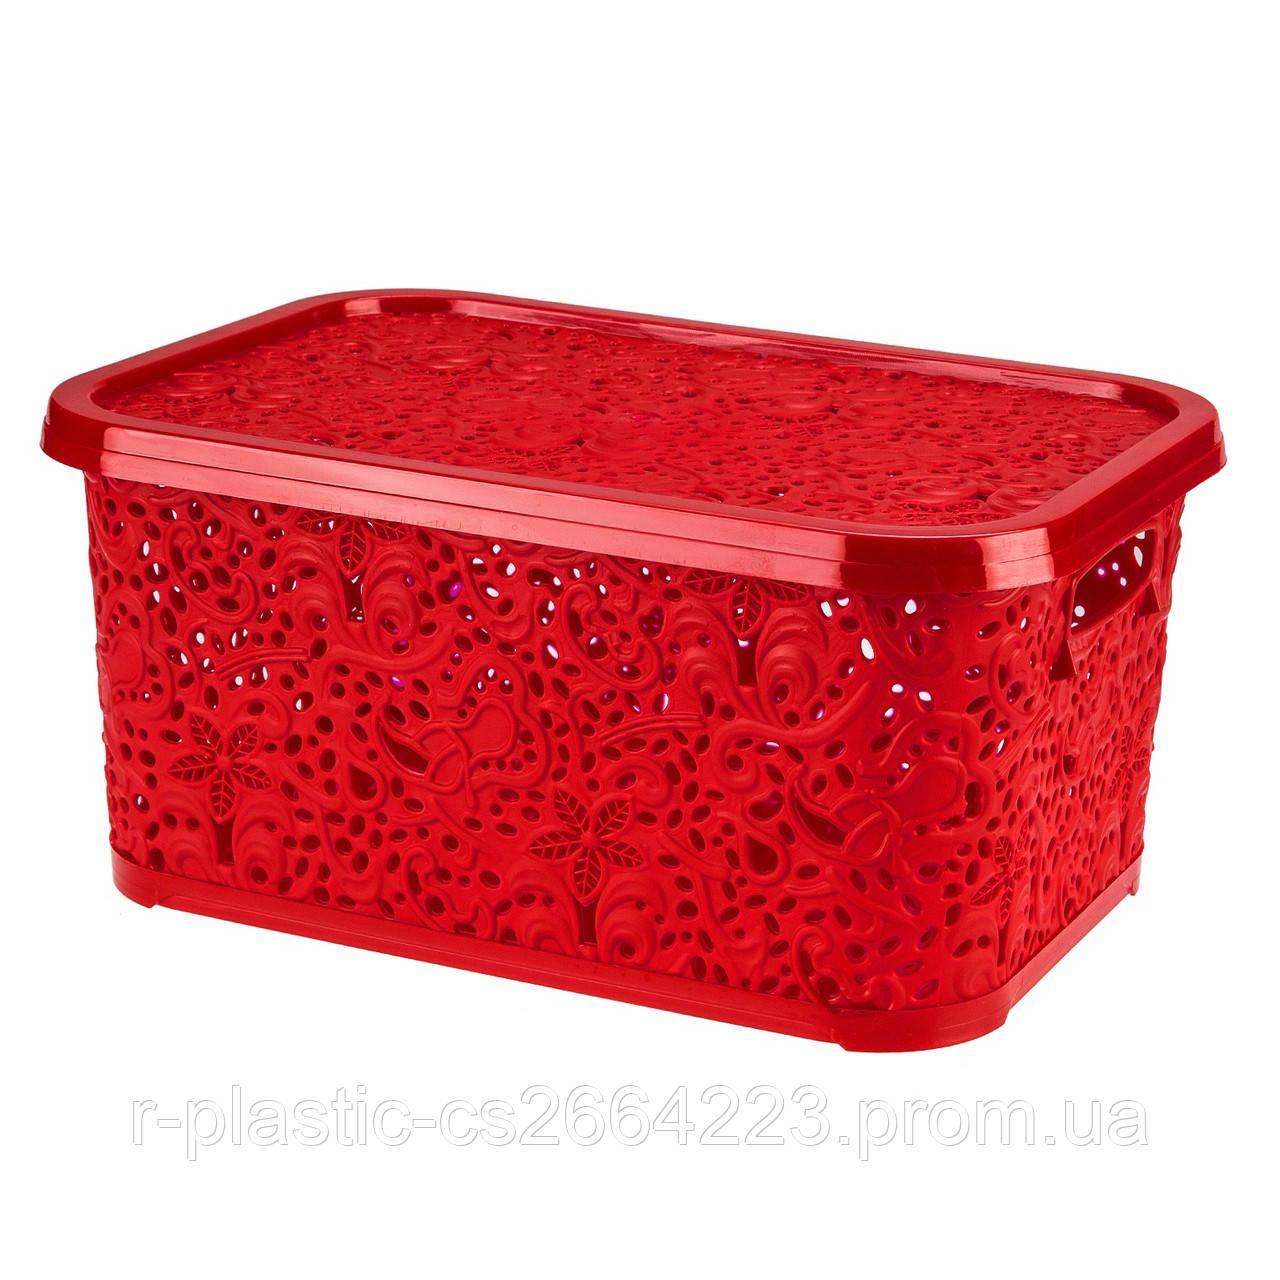 """Кошик R-Plastic """"Ажур"""" 10л 33,5*23,5*16см червона"""